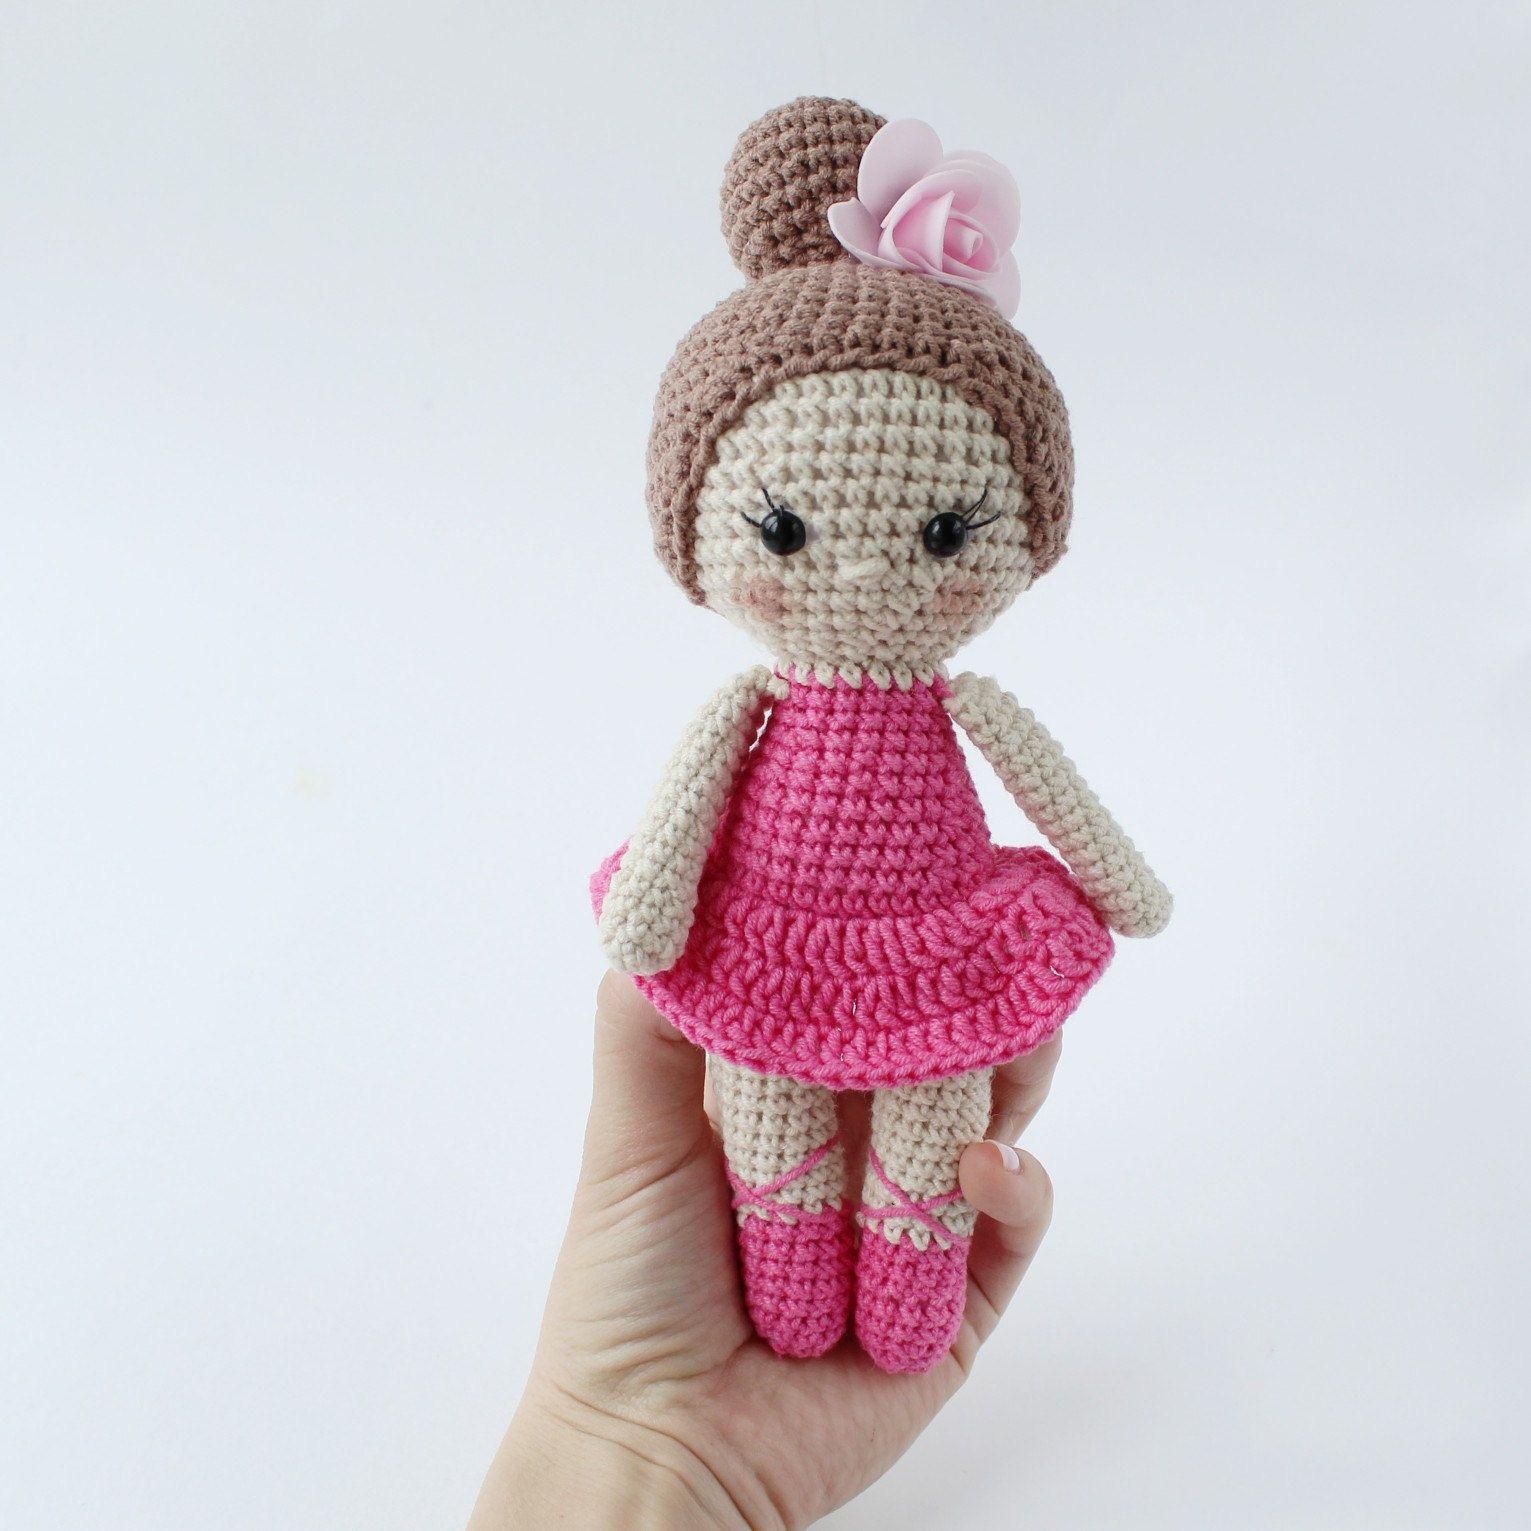 Gift For Dance Teacher Crochet Ballerina Doll In Pink Dress Etsy Ballerina Doll Crochet Doll Tutorial Dance Teacher Gifts